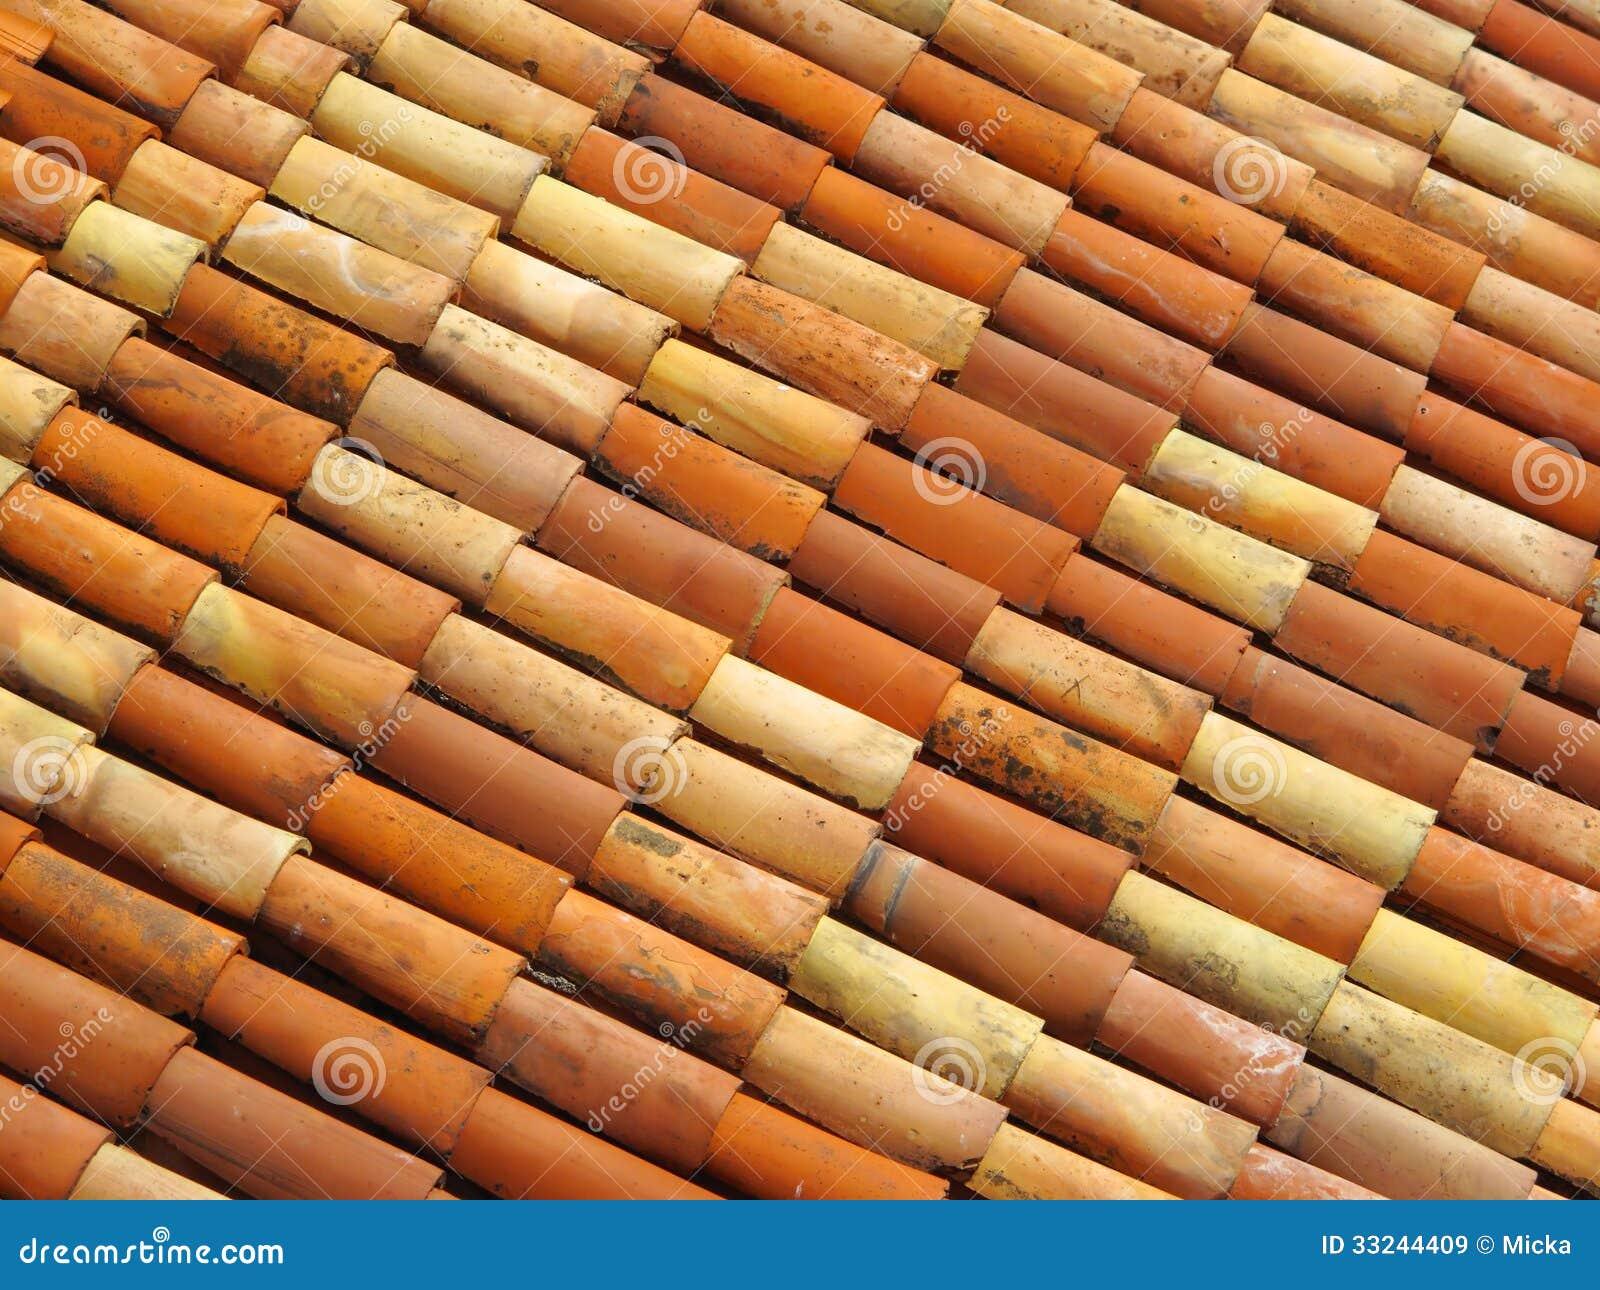 tuiles de toit dans diff rentes couleurs images libres de